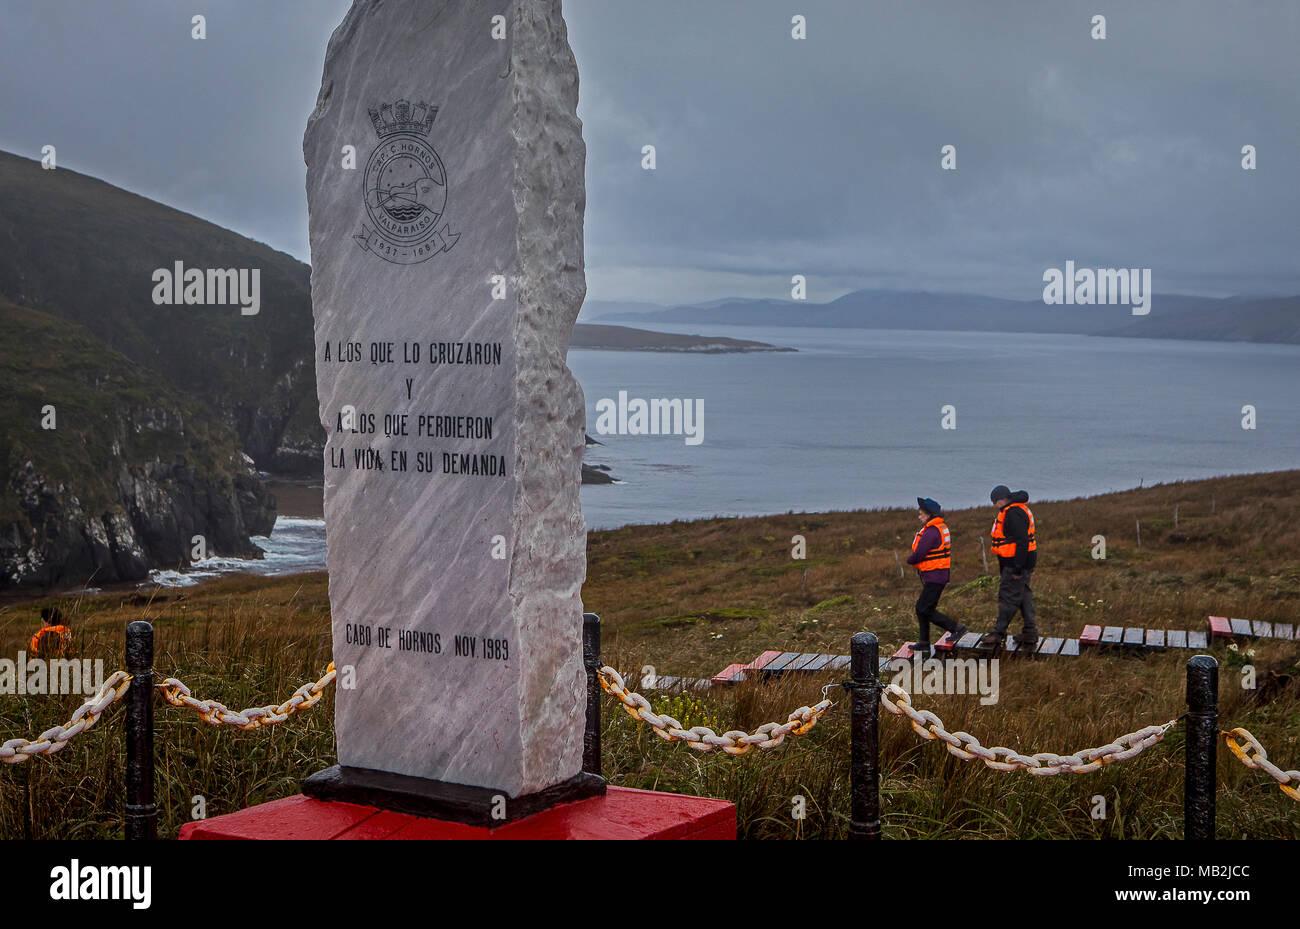 Memorial stone, Cape Horn, Tierra de Fuego, Patagonia, Chile - Stock Image